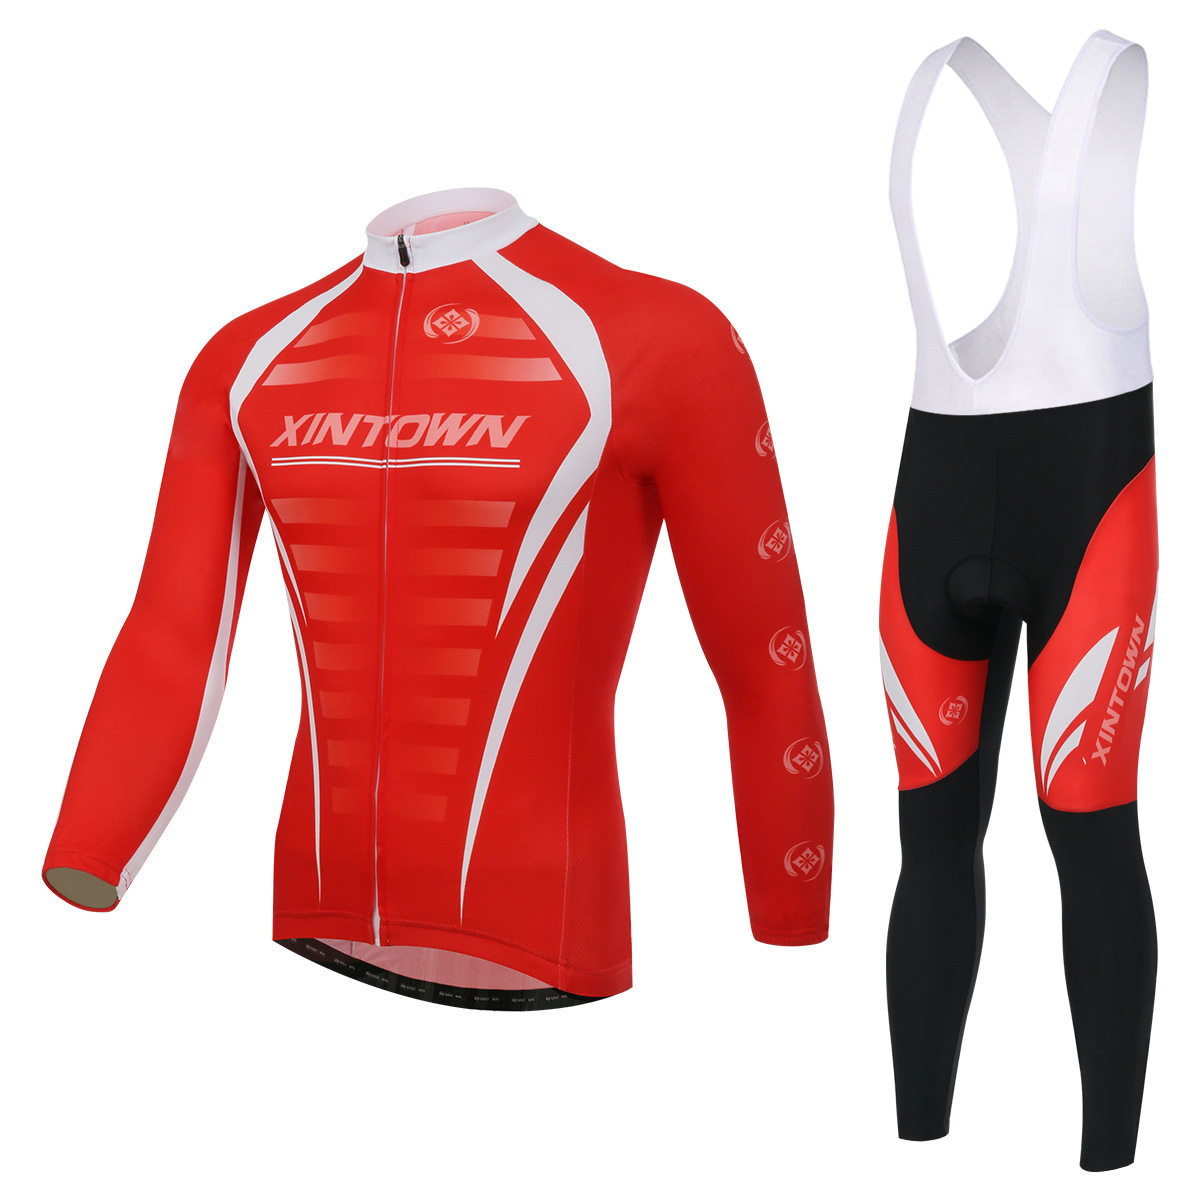 XINTOWN Blast Lightning bike riding Jersey long sleeve suit wear bicycle fleece winter wind warm features underwear